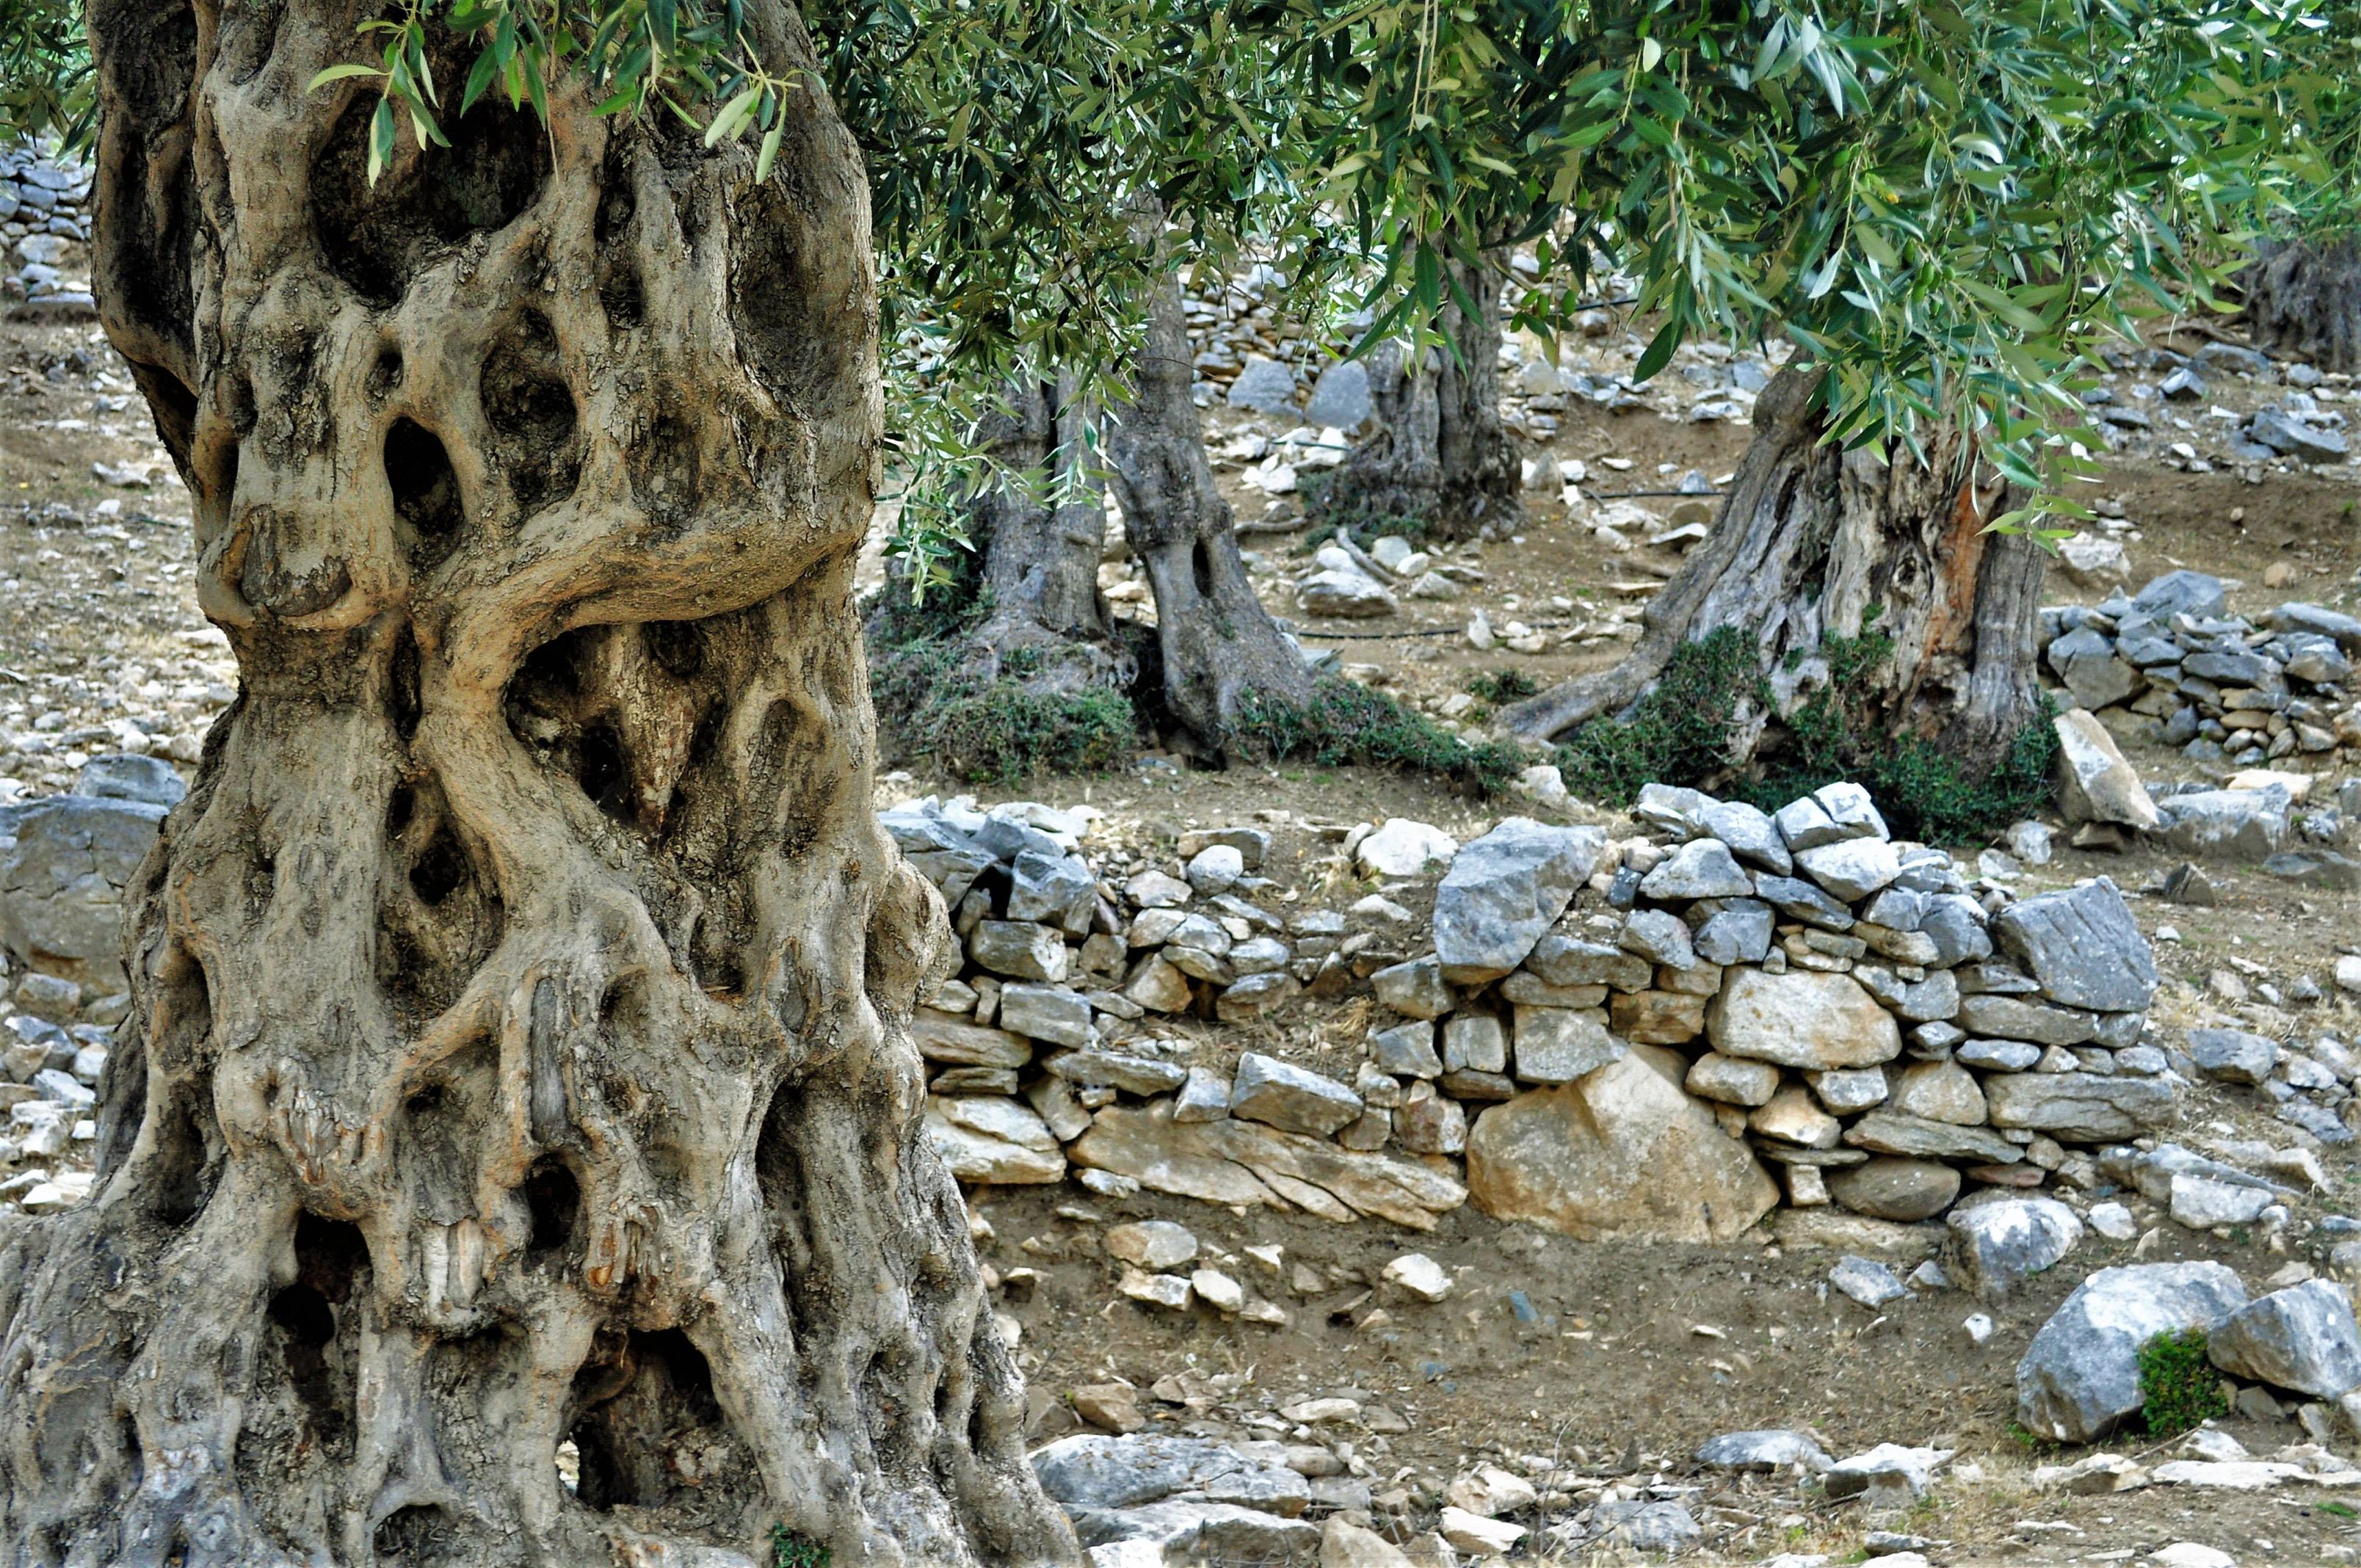 Но си струва разходката, защото в околностите на Мариес се простират златисти маслинени гори с вековни дървета, свидетели на пиратски набези, войни, суши, чумни епидемии и други бедствия, връхлитали острова.